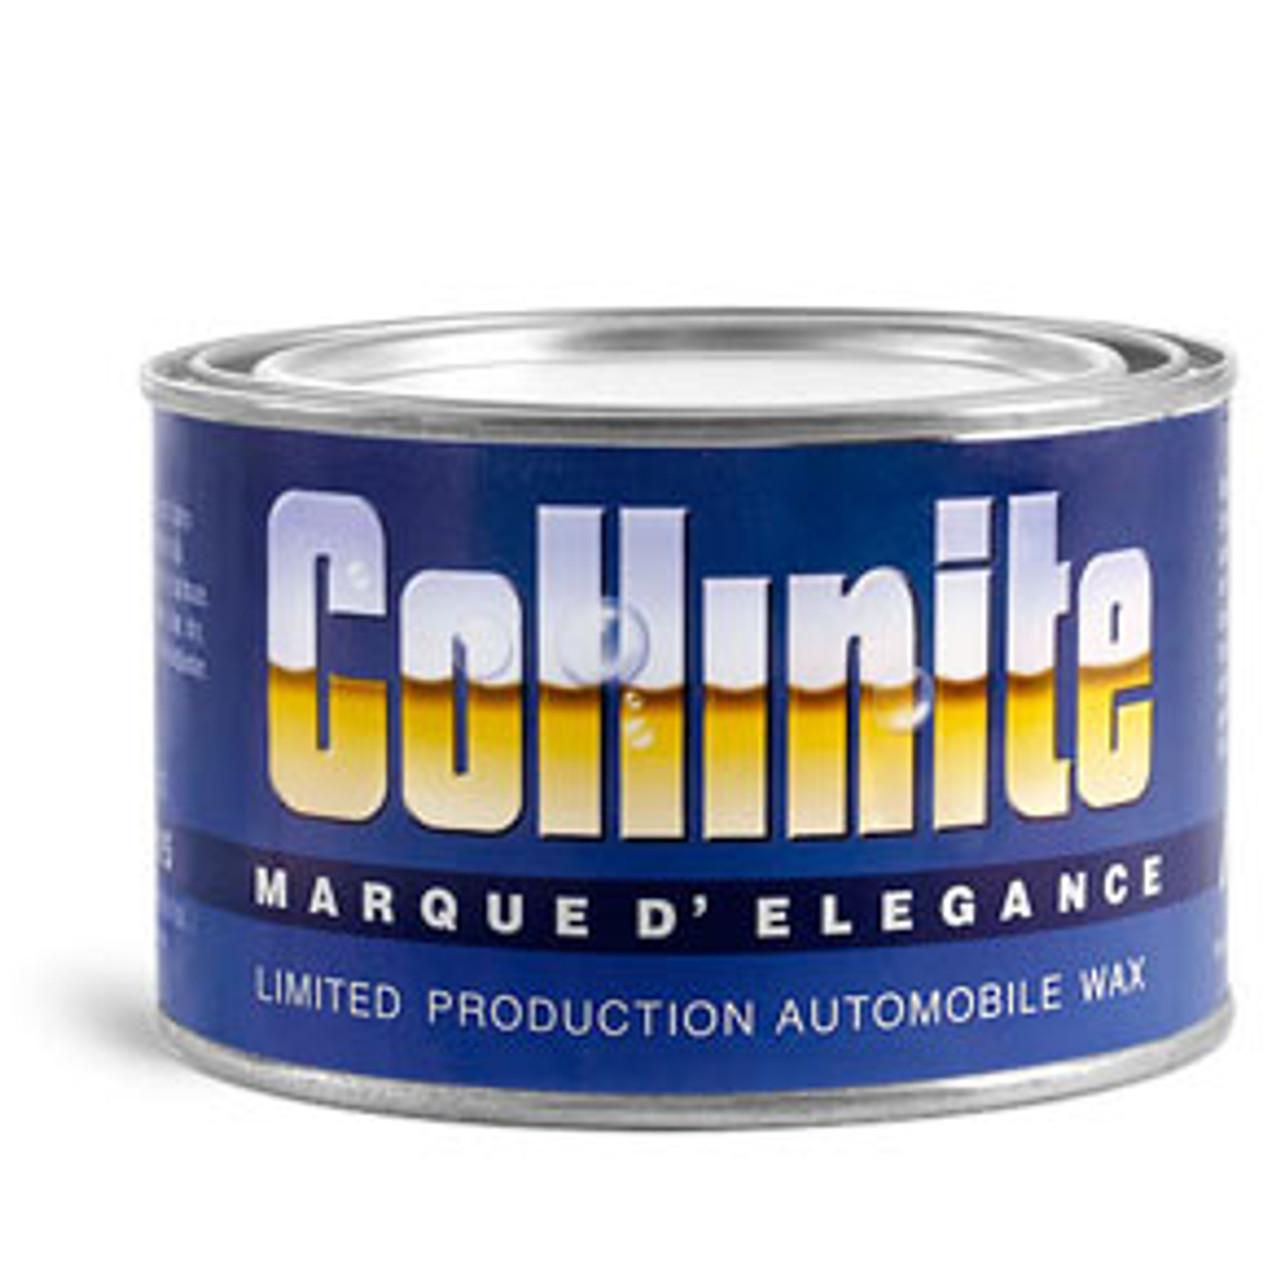 COLLINTE MARQUE D'ELEGANCE AUTO WAX